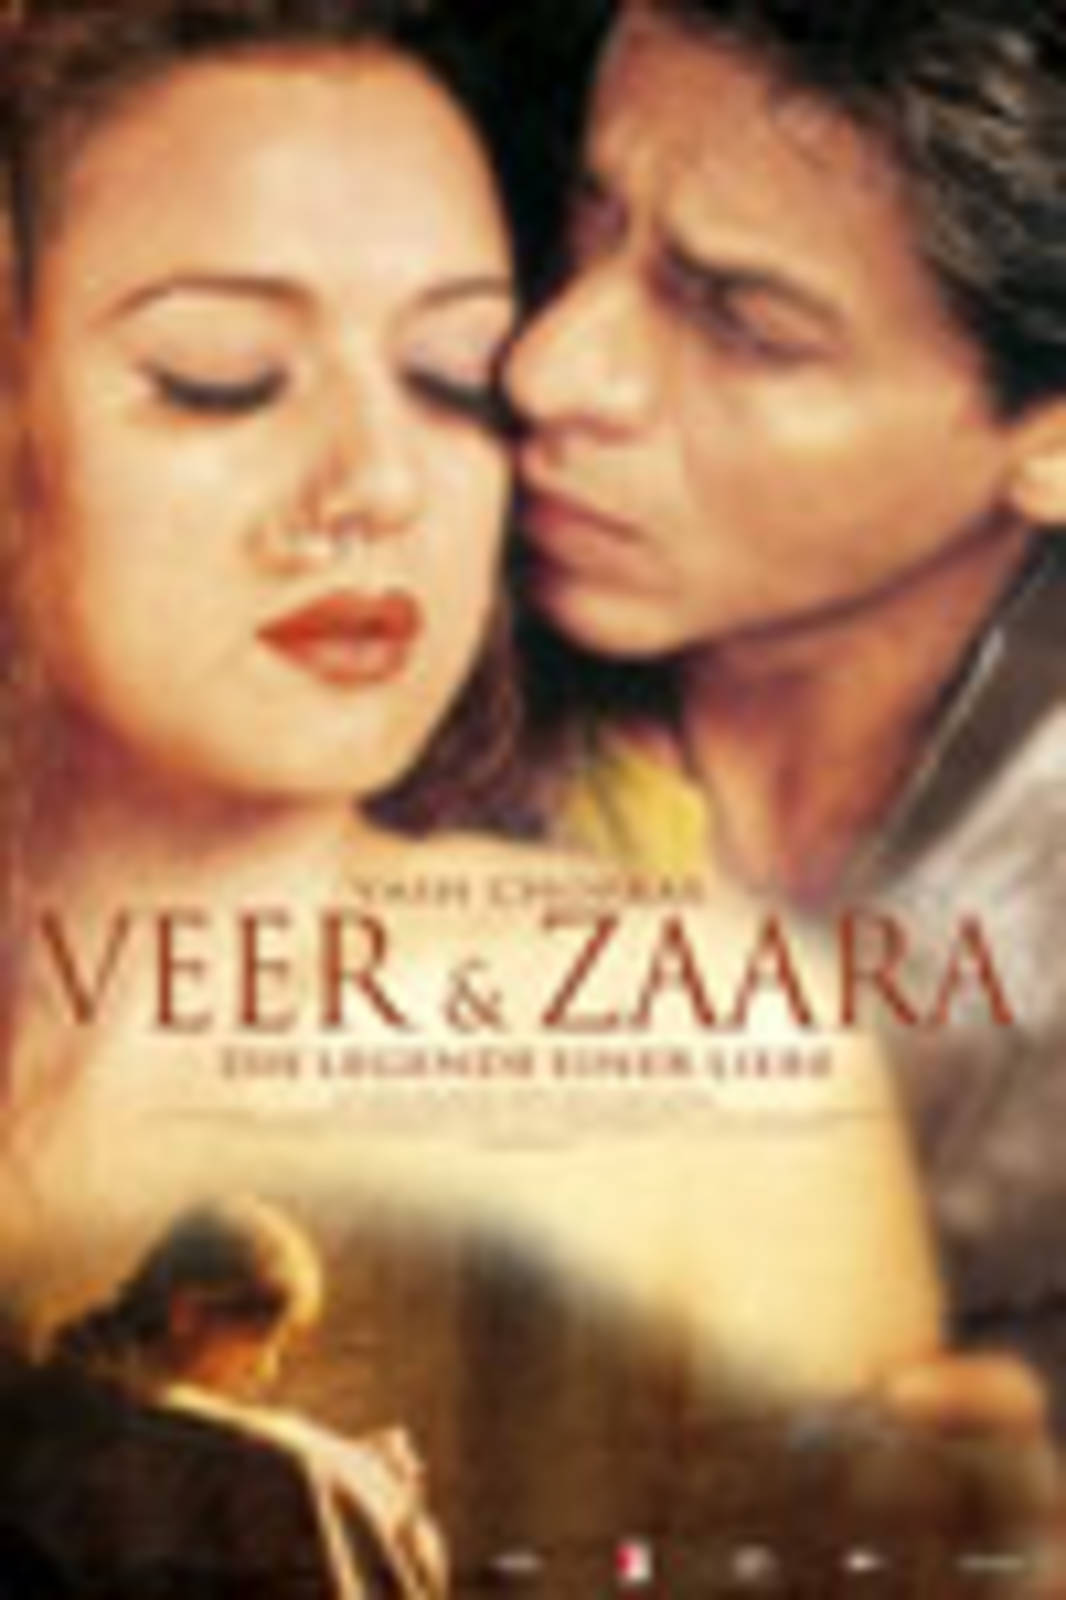 Veer Und Zaara – Die Legende Einer Liebe